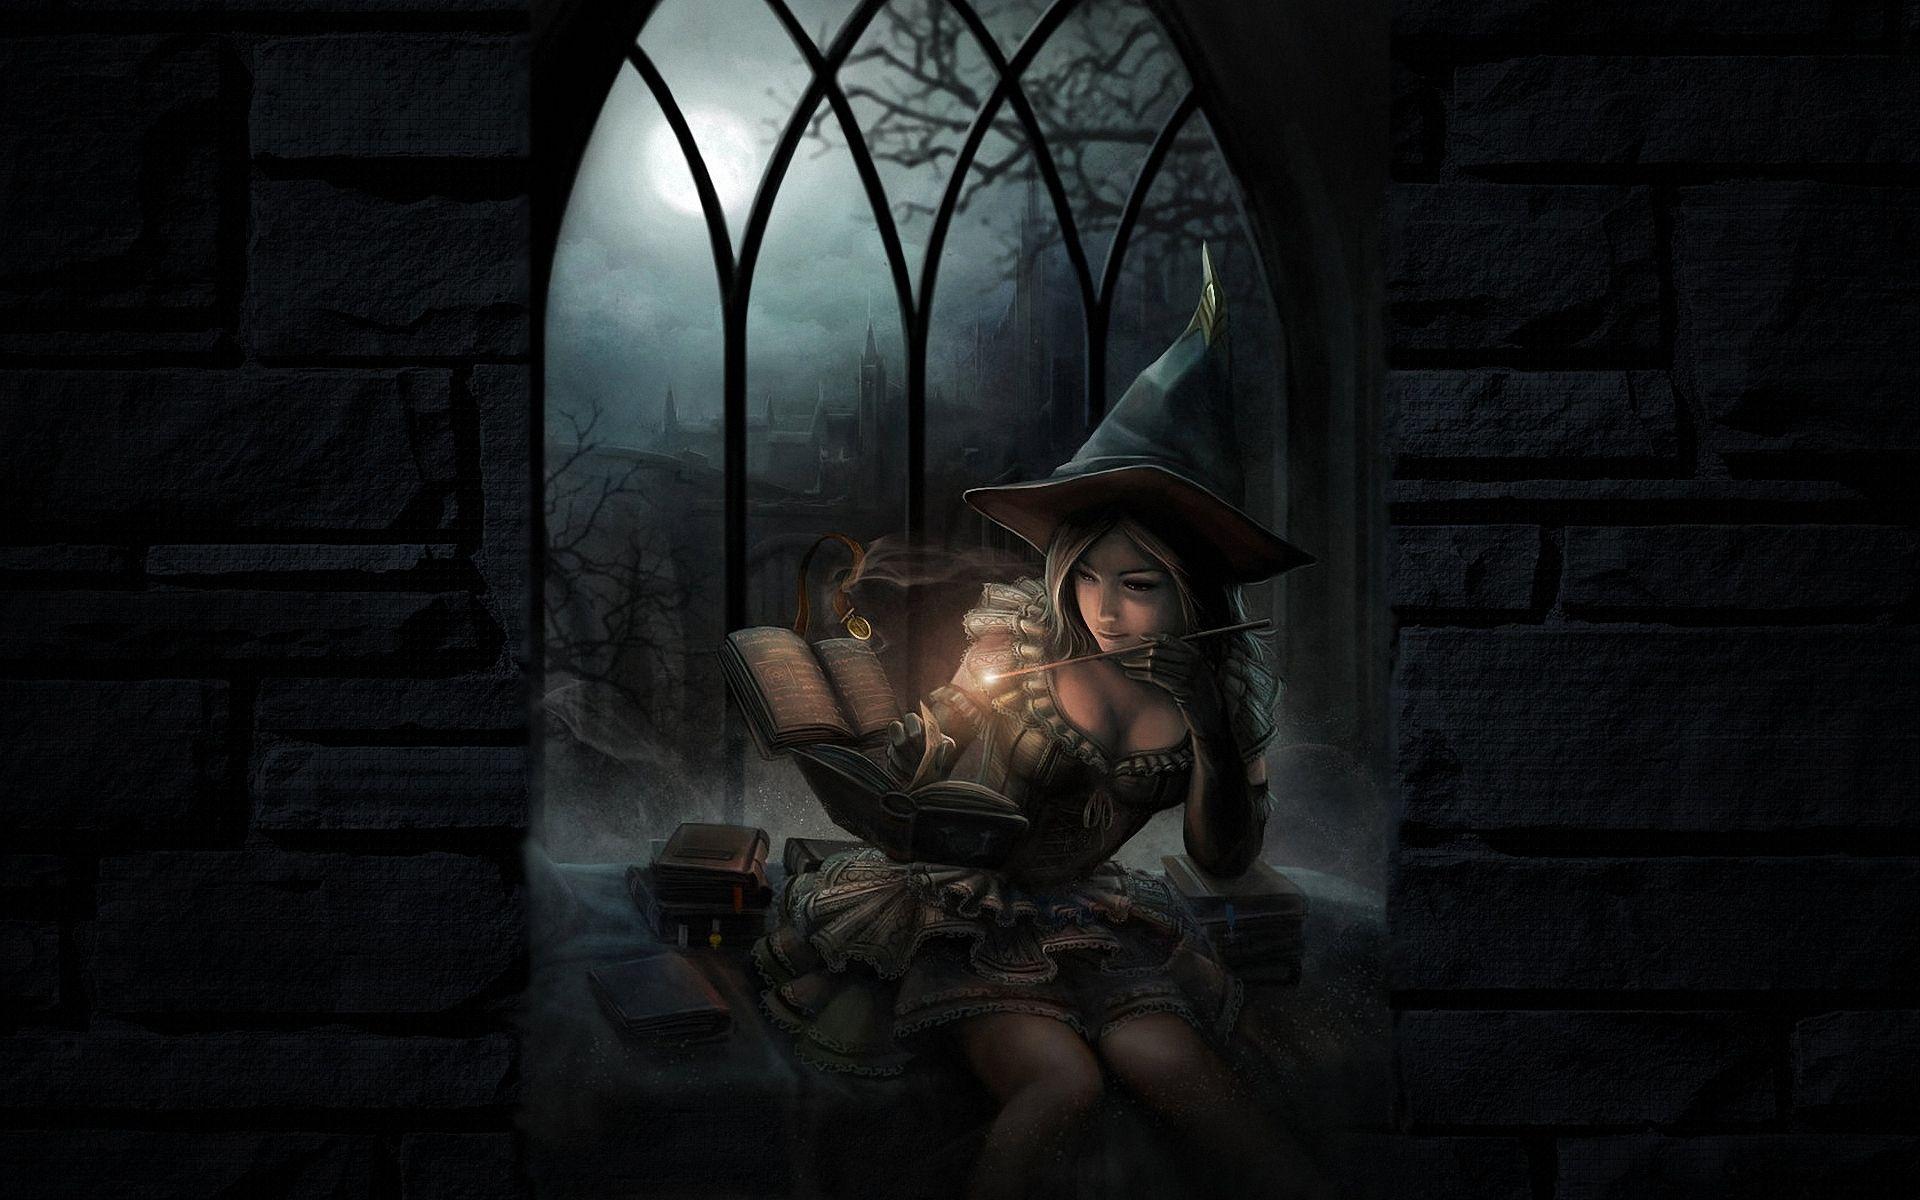 Dark Sexy Fantasy Art Wallpaper Witch